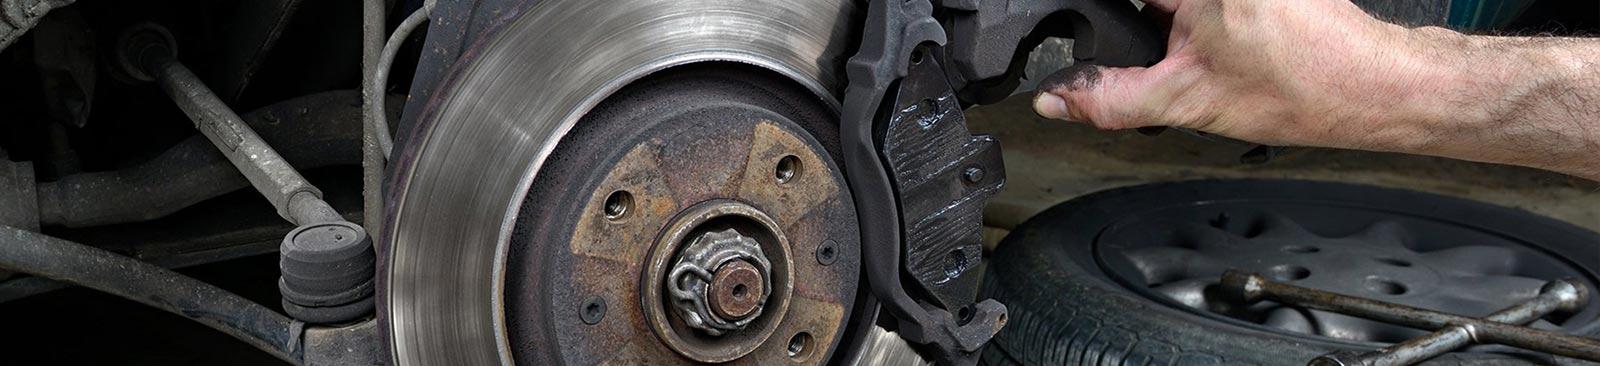 Mobile Mechanic roadside wheel repair